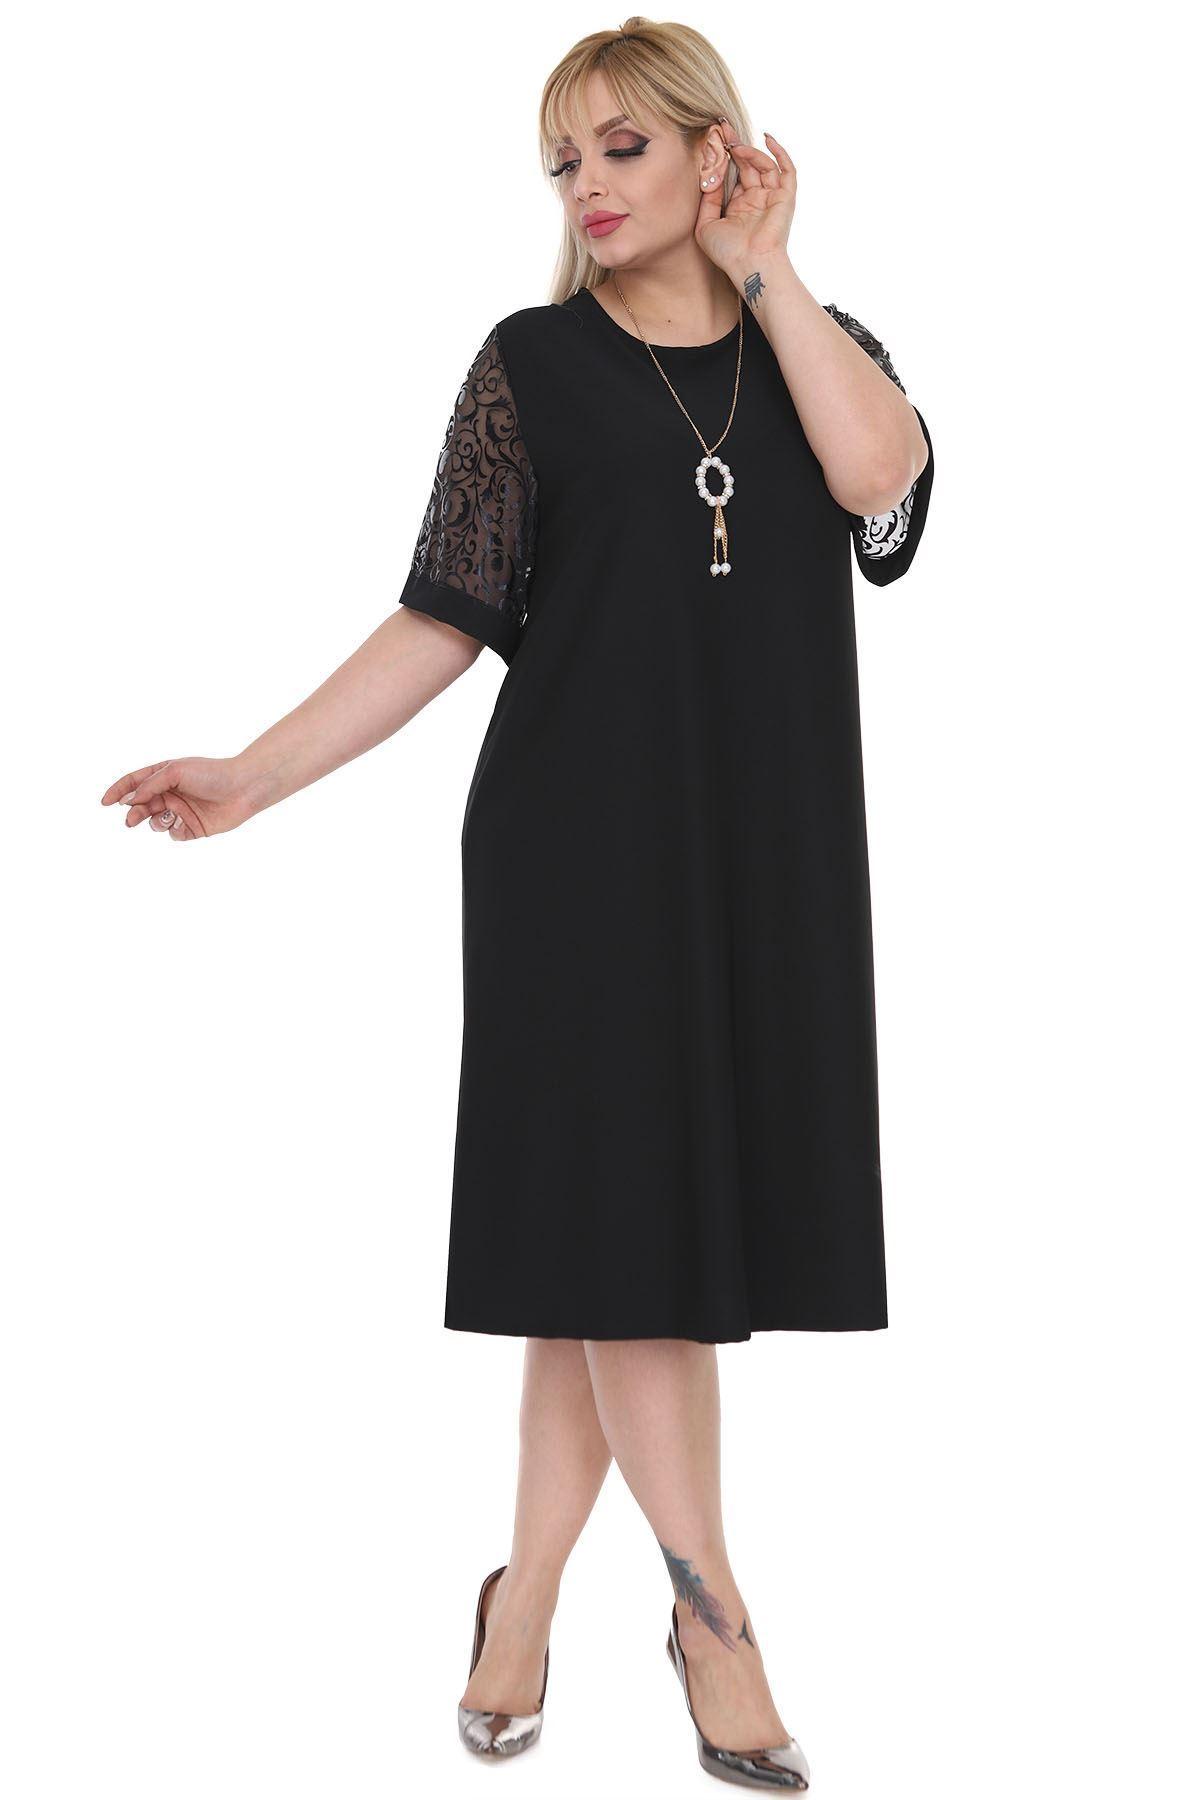 Kimono Kol Siyah Elbise 8A-0521